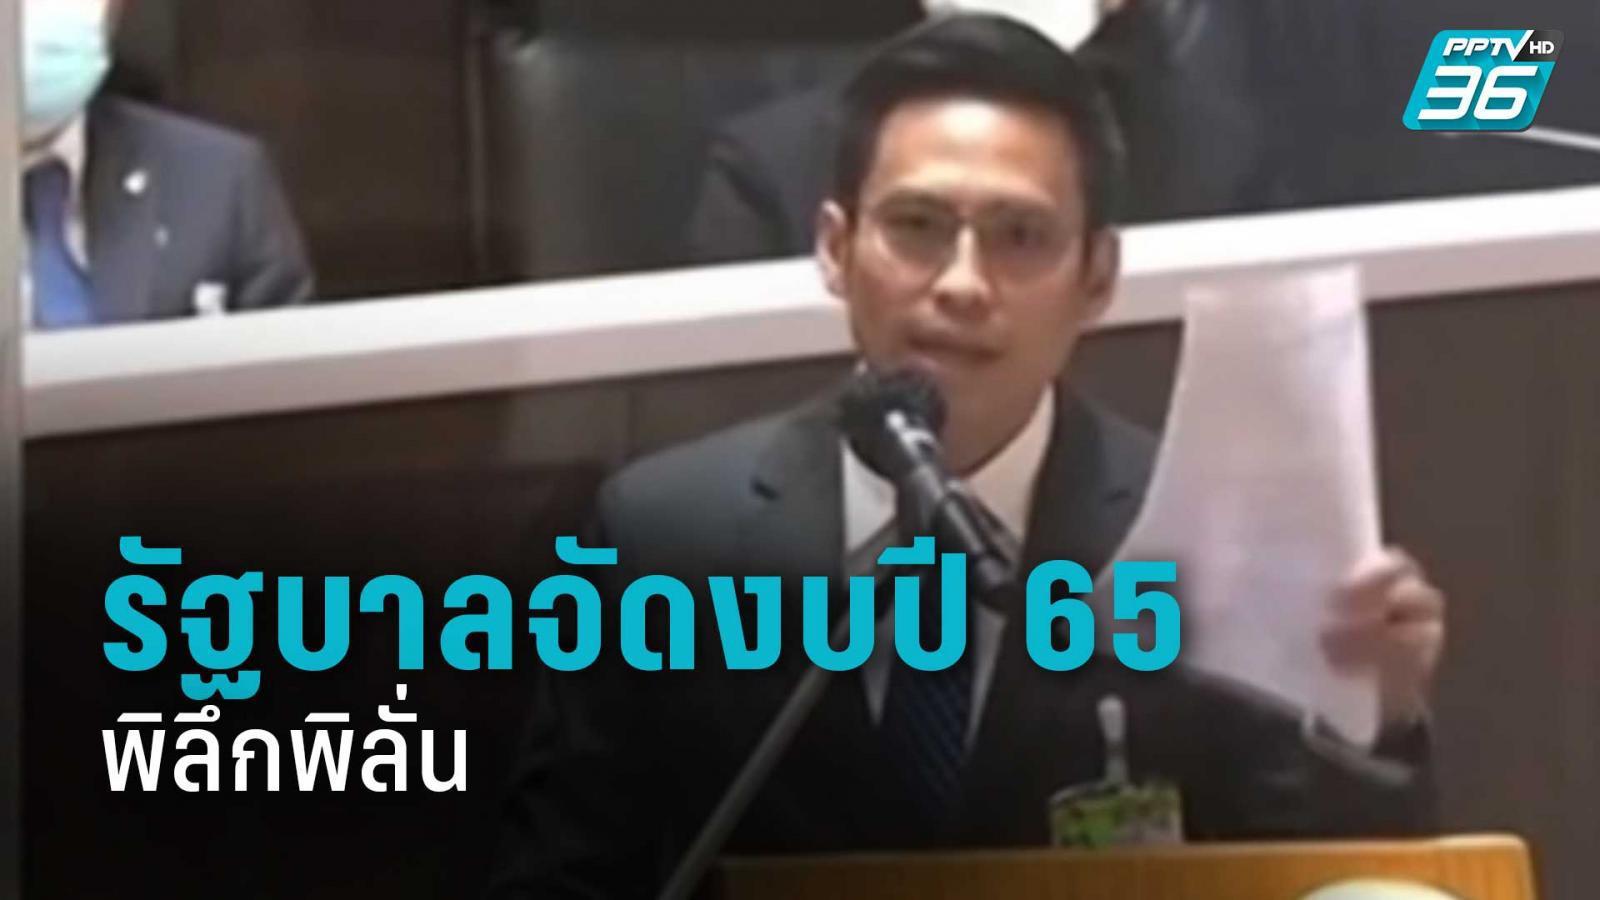 ส.ส.ภูมิใจไทย ซัด รัฐบาลจัดงบปี 65 พิลึกพิลั่น